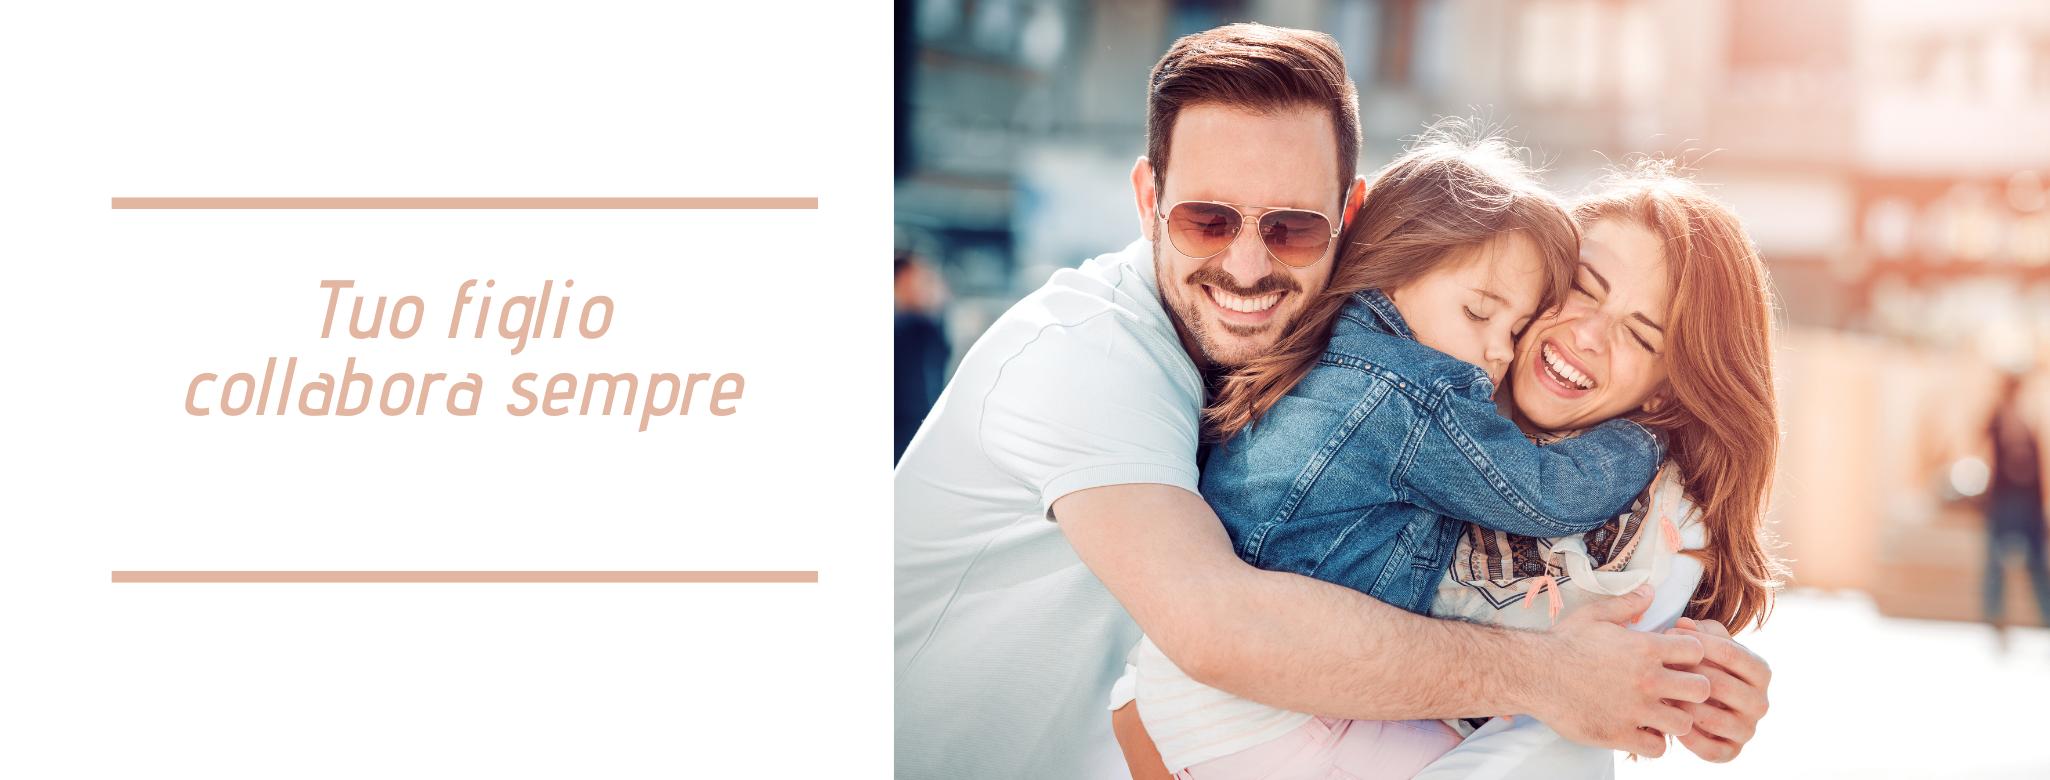 Foto: famiglia che si abbraccia felice e scritta: Tuo figlio collabora sempre